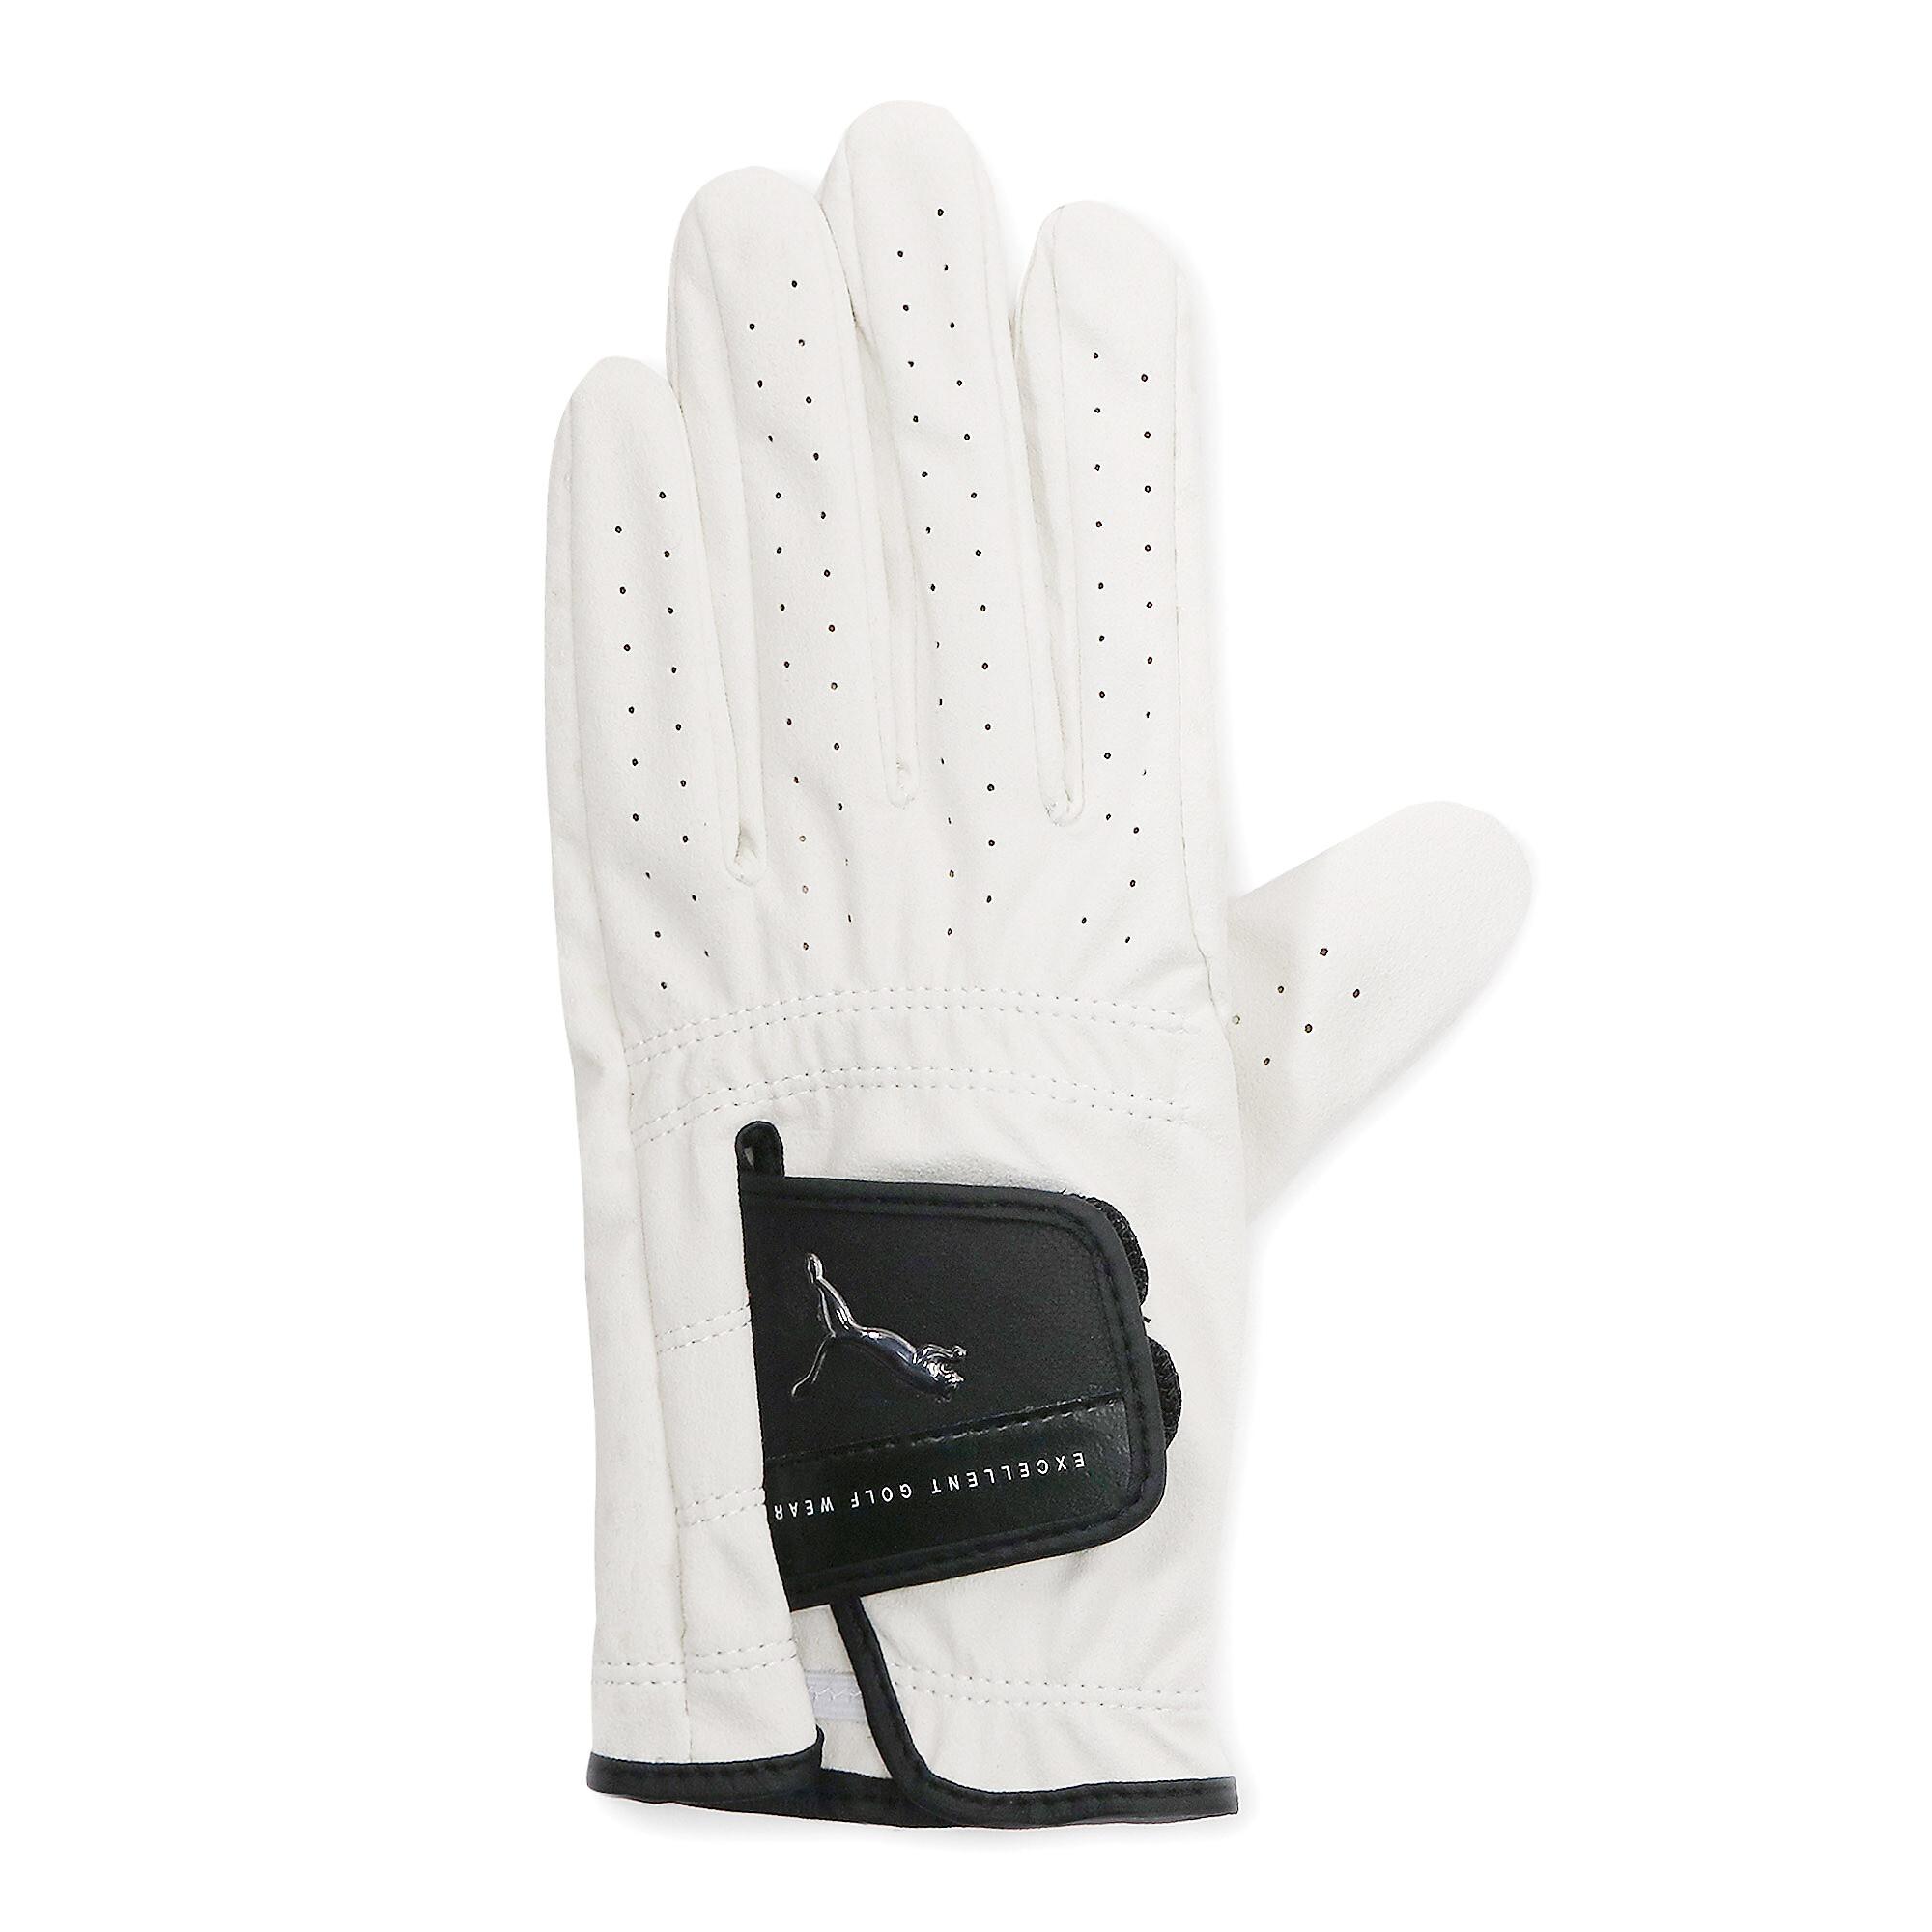 【プーマ公式通販】 プーマ ゴルフ EGW オールウェザー グローブ 左手用 メンズ BRIGHT WHITE-PUMA BLACK |PUMA.com